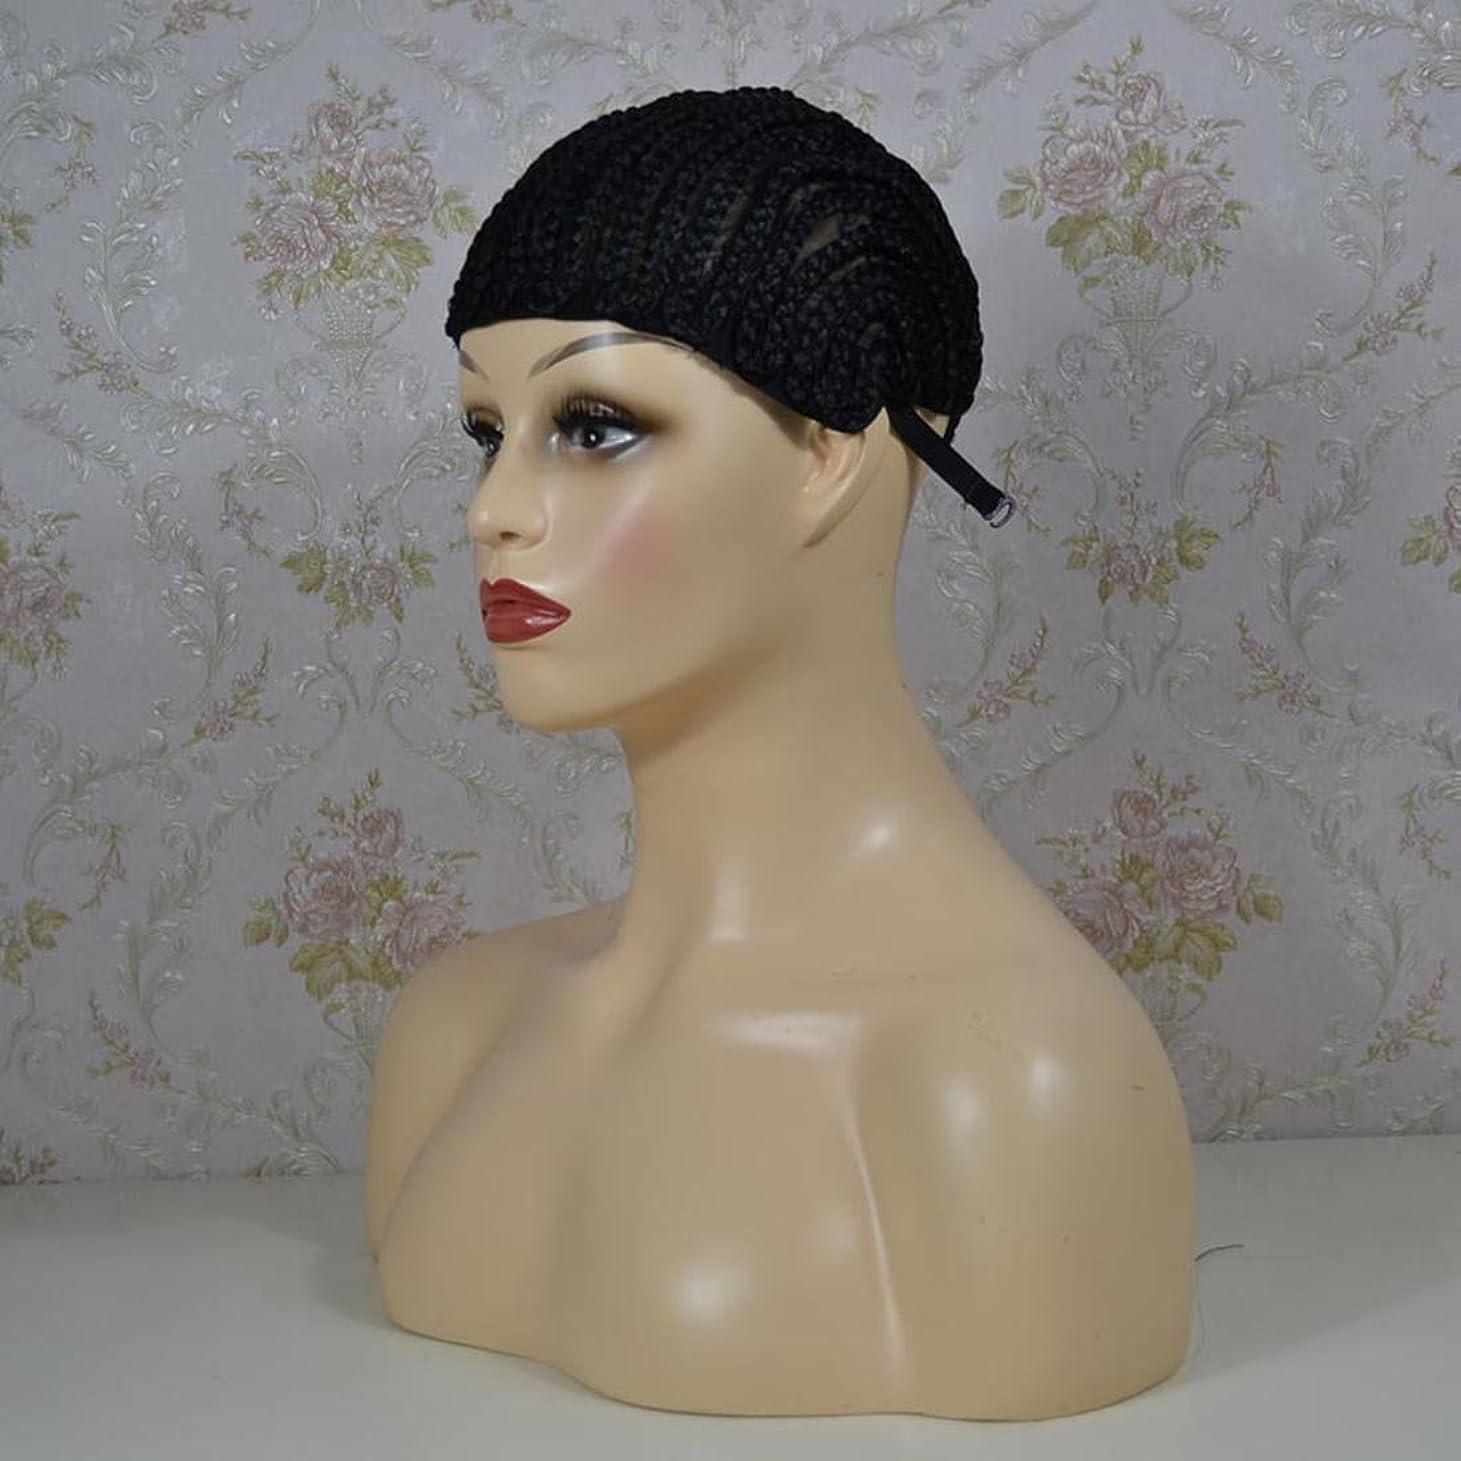 エミュレーションネックレットコレクションKoloeplf 髪のエクステンション特別調整可能なサイズのウィッグキャップ女性のための人間の髪の毛紐化学繊維絹のかつらの帽子のための黒の小さな髪 (Color : ブラック)